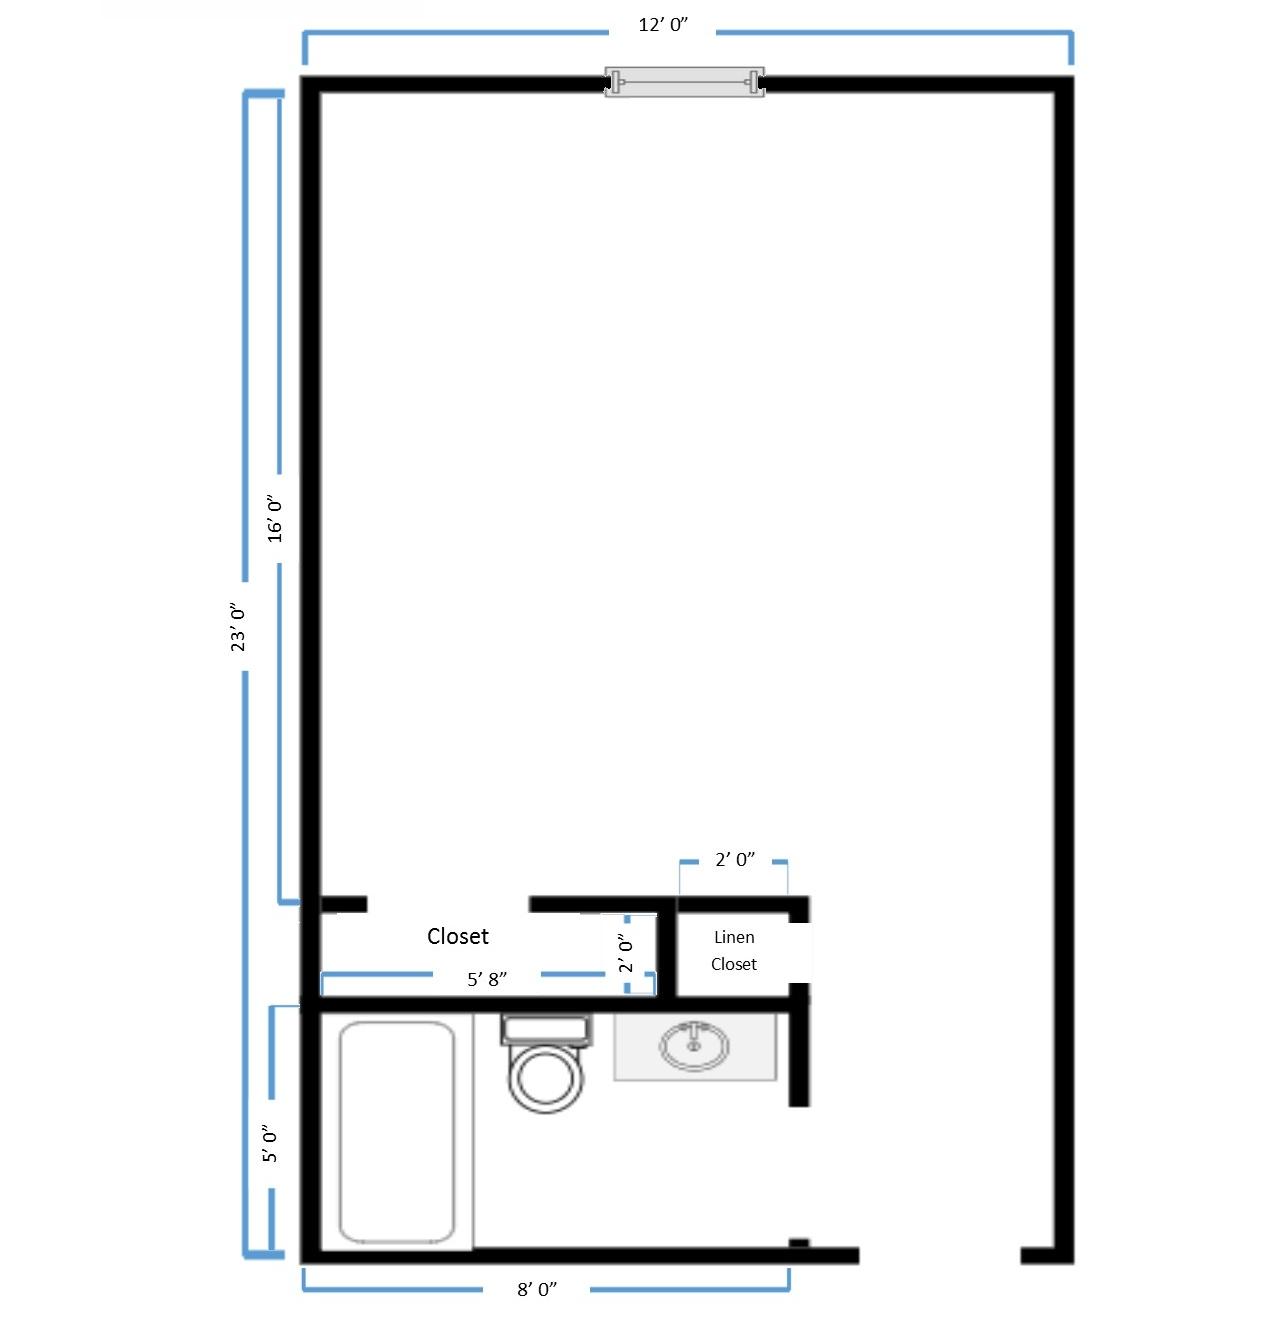 Floor Plan Corrected.jpg